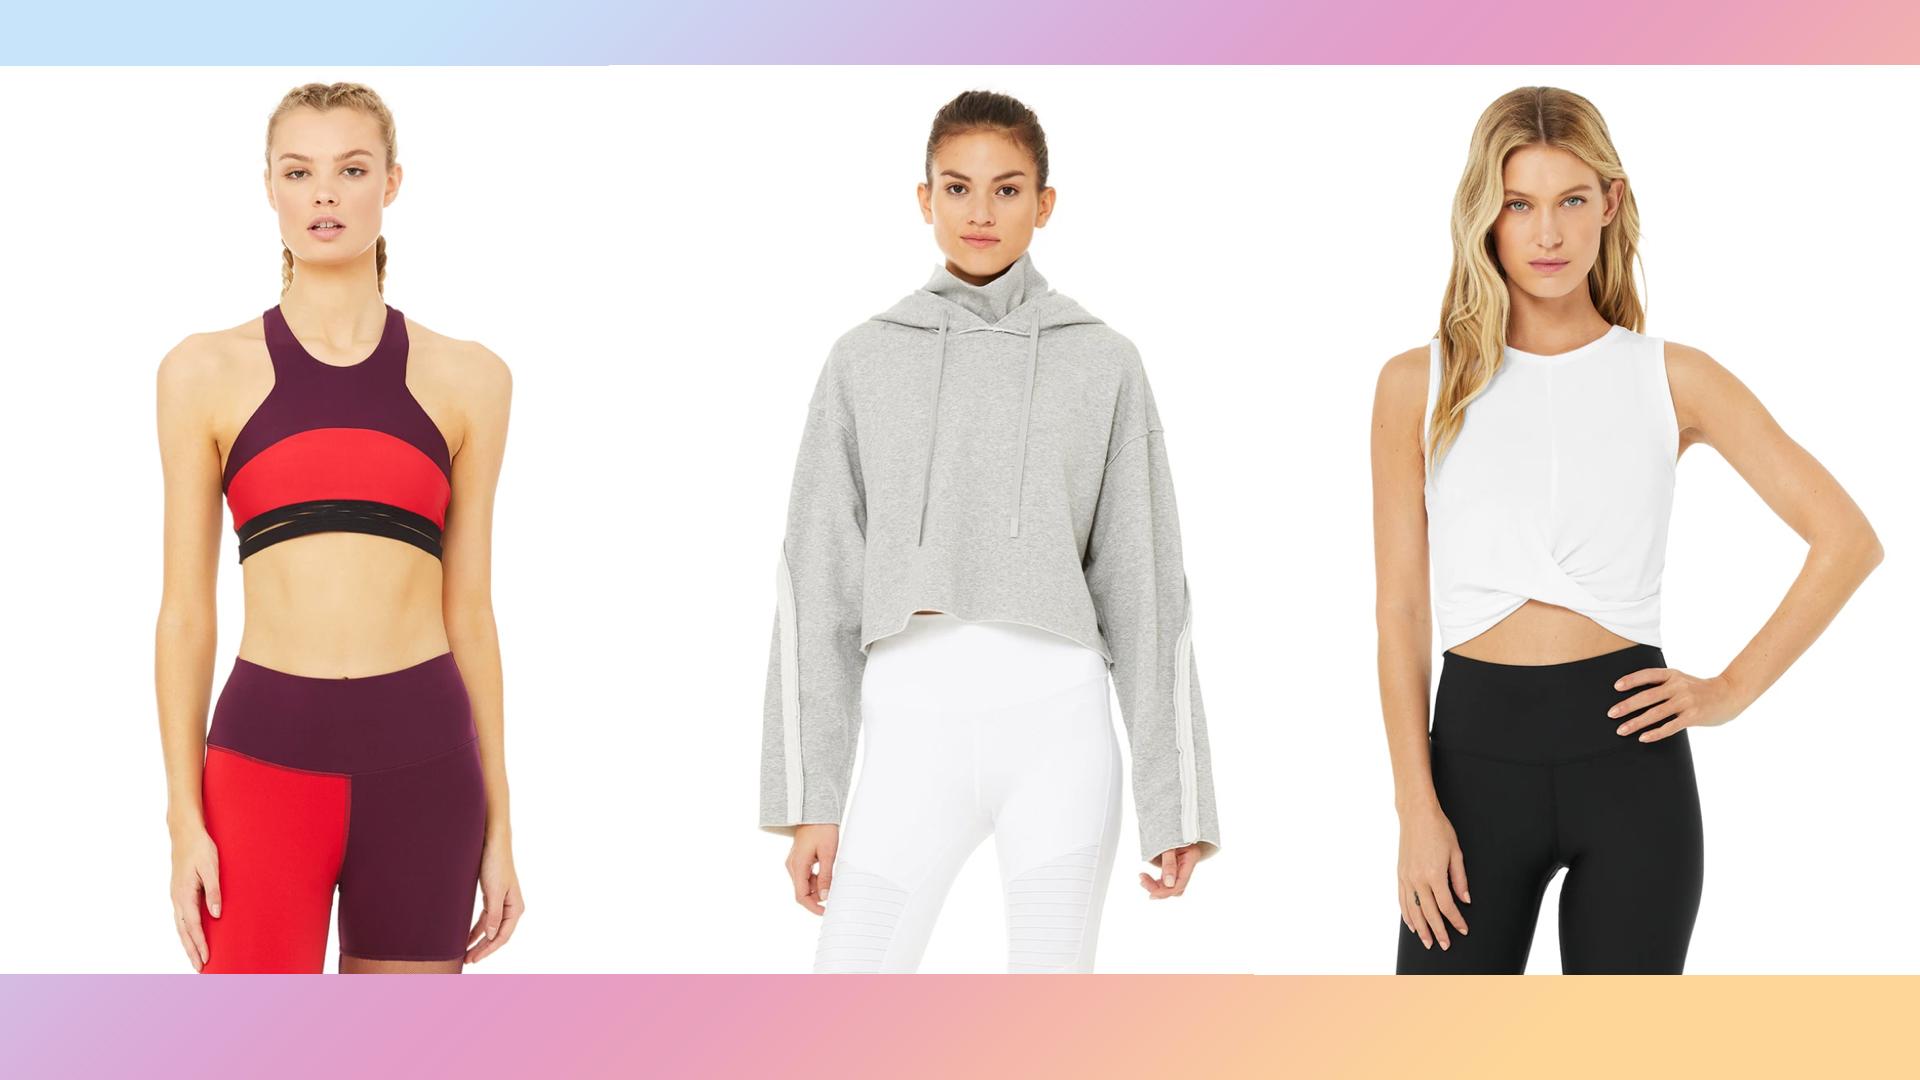 Hướng dẫn cách chọn quần áo tập yoga